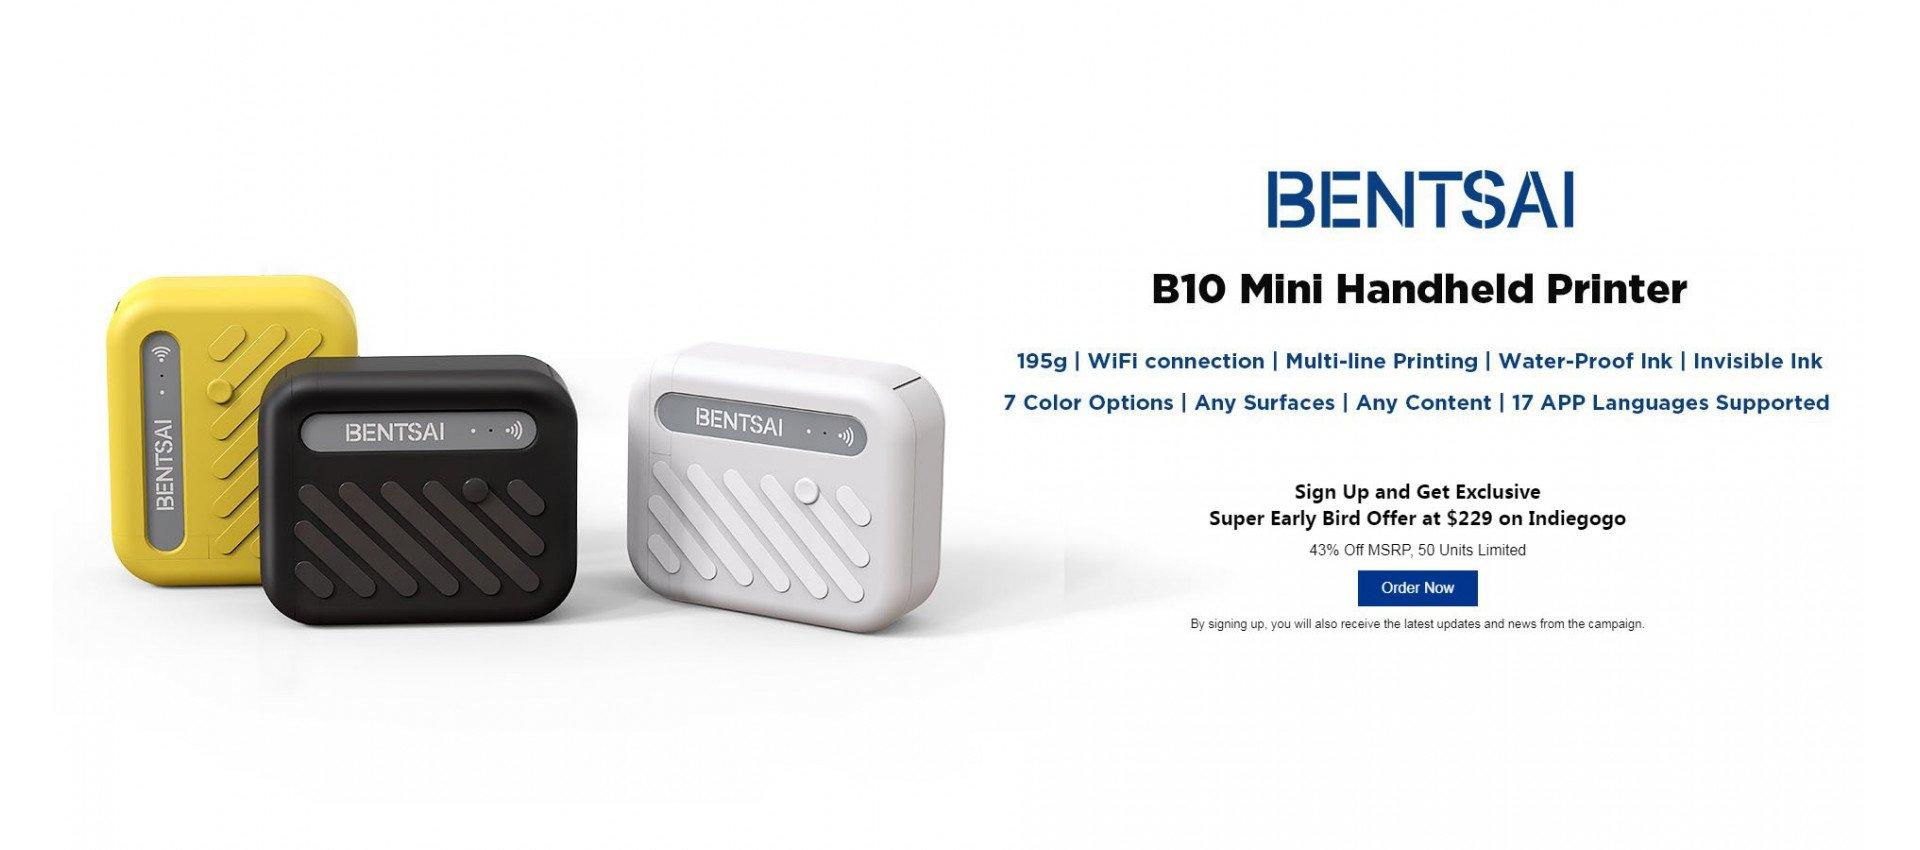 BENTSAI B10 Mini